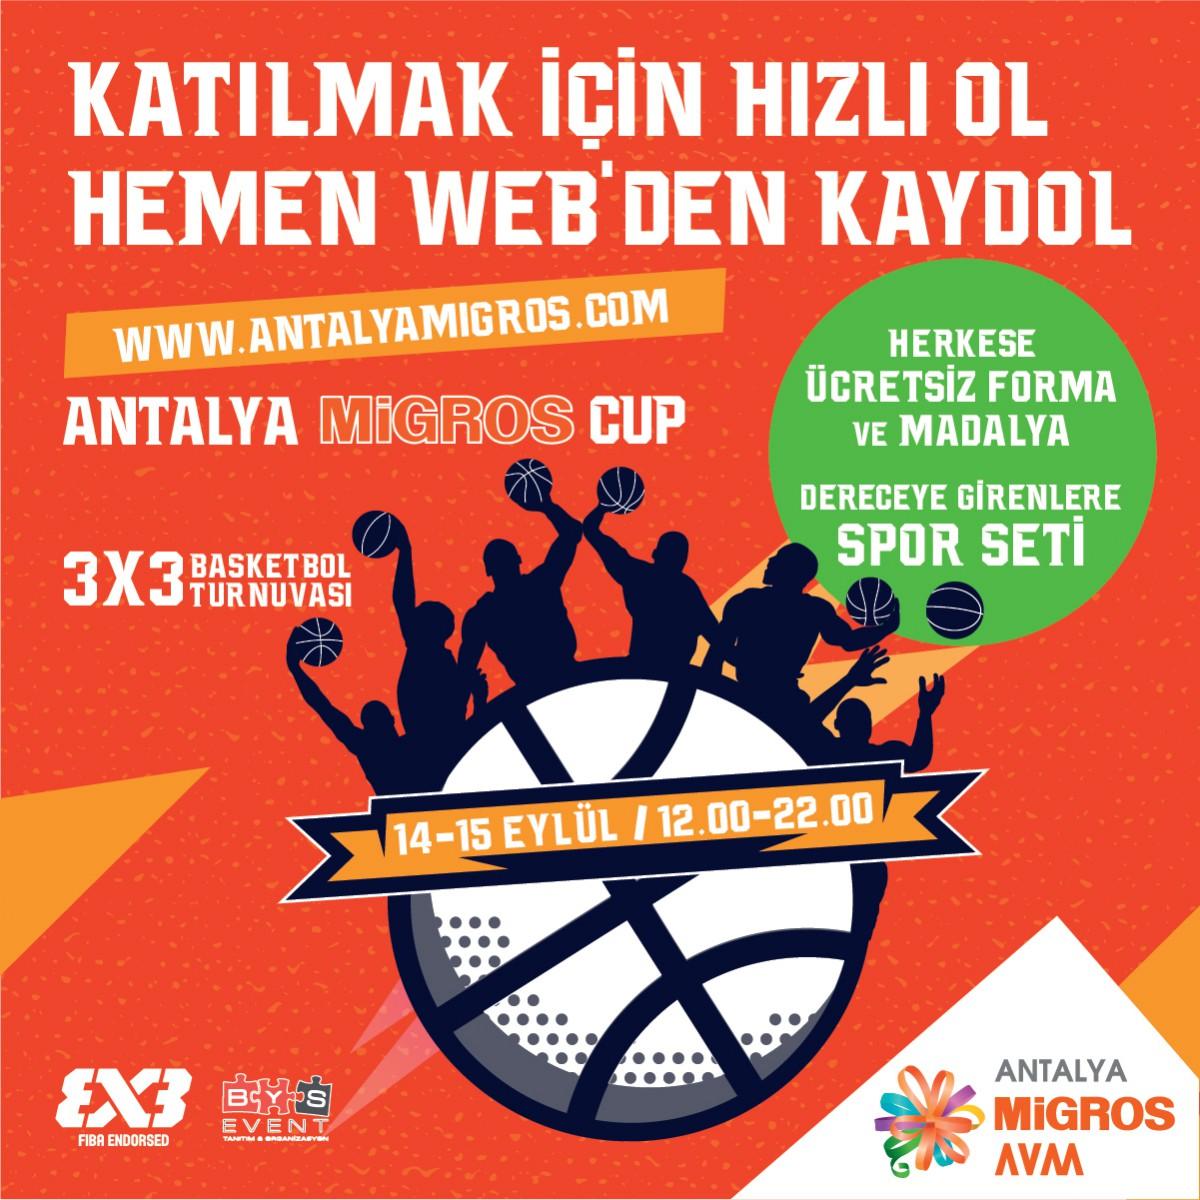 Antalya Migros Cup heyecanı için geri sayım başladı!